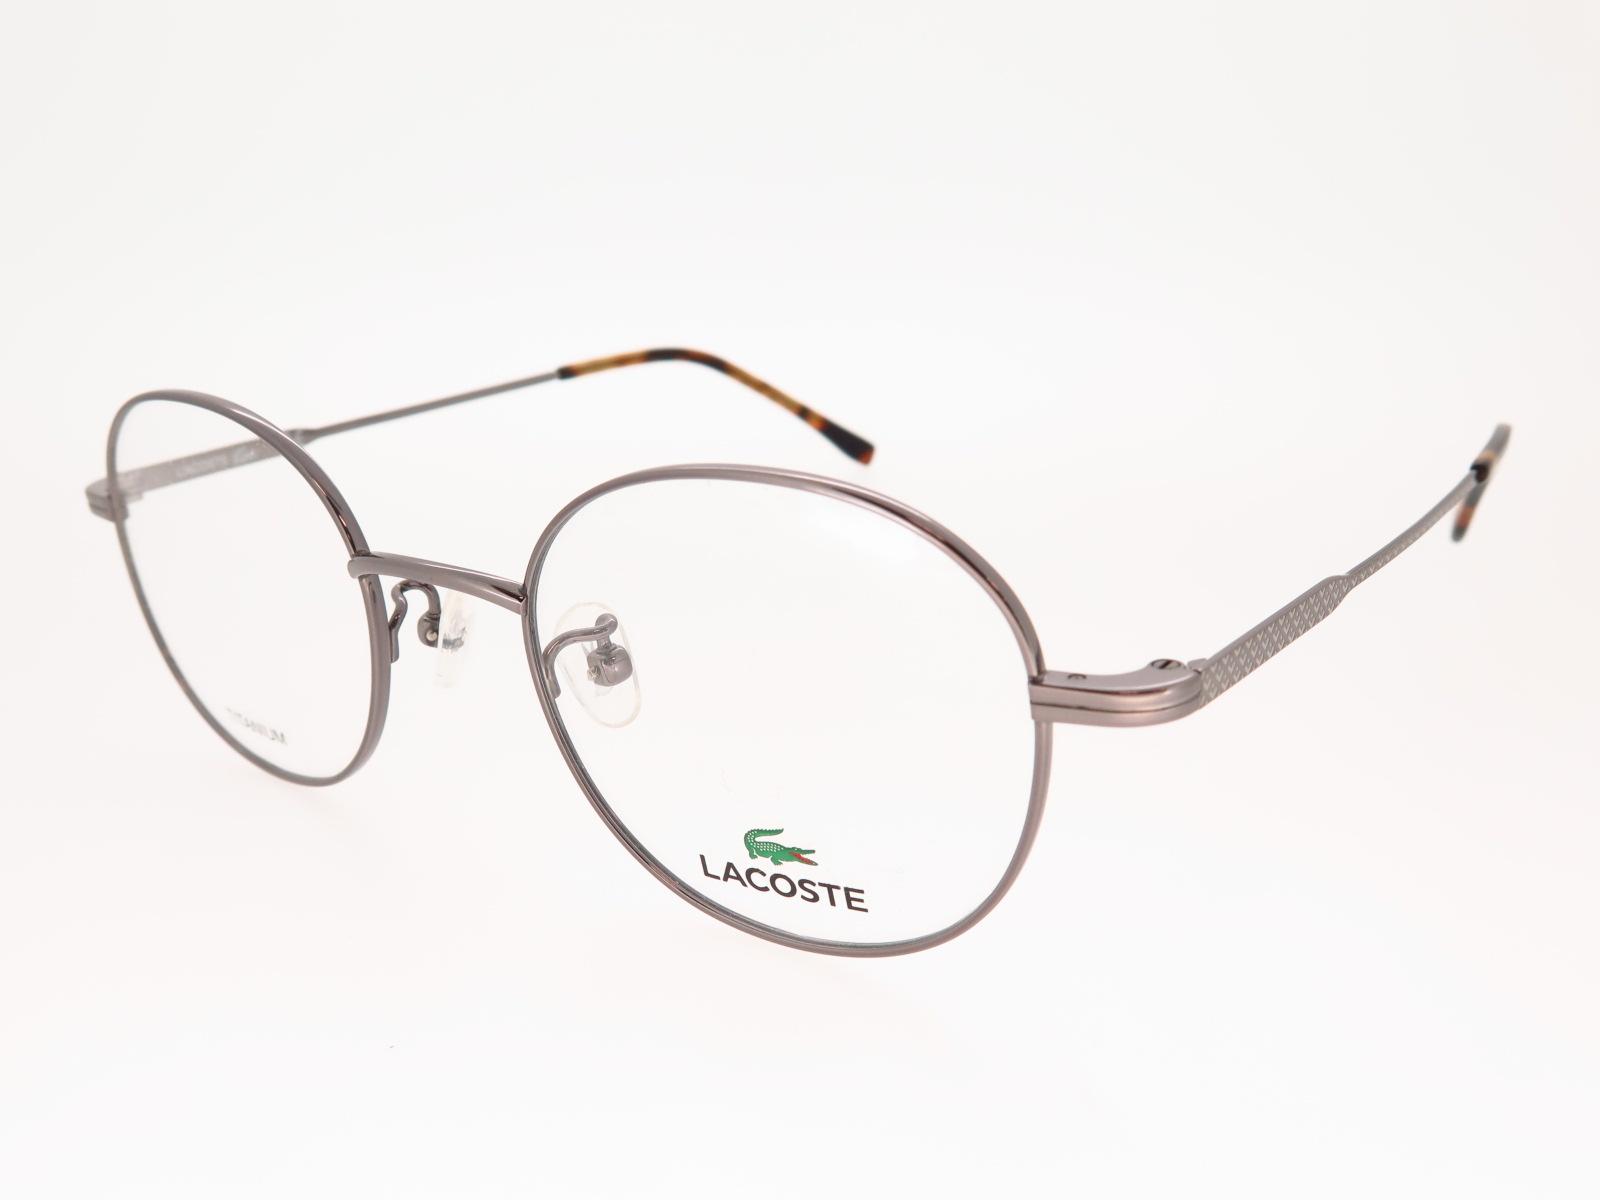 LACOSTE ラコステ ブランド メガネ アジアンフィット ボストン型 メタルフレーム L2258A 033 48サイズ